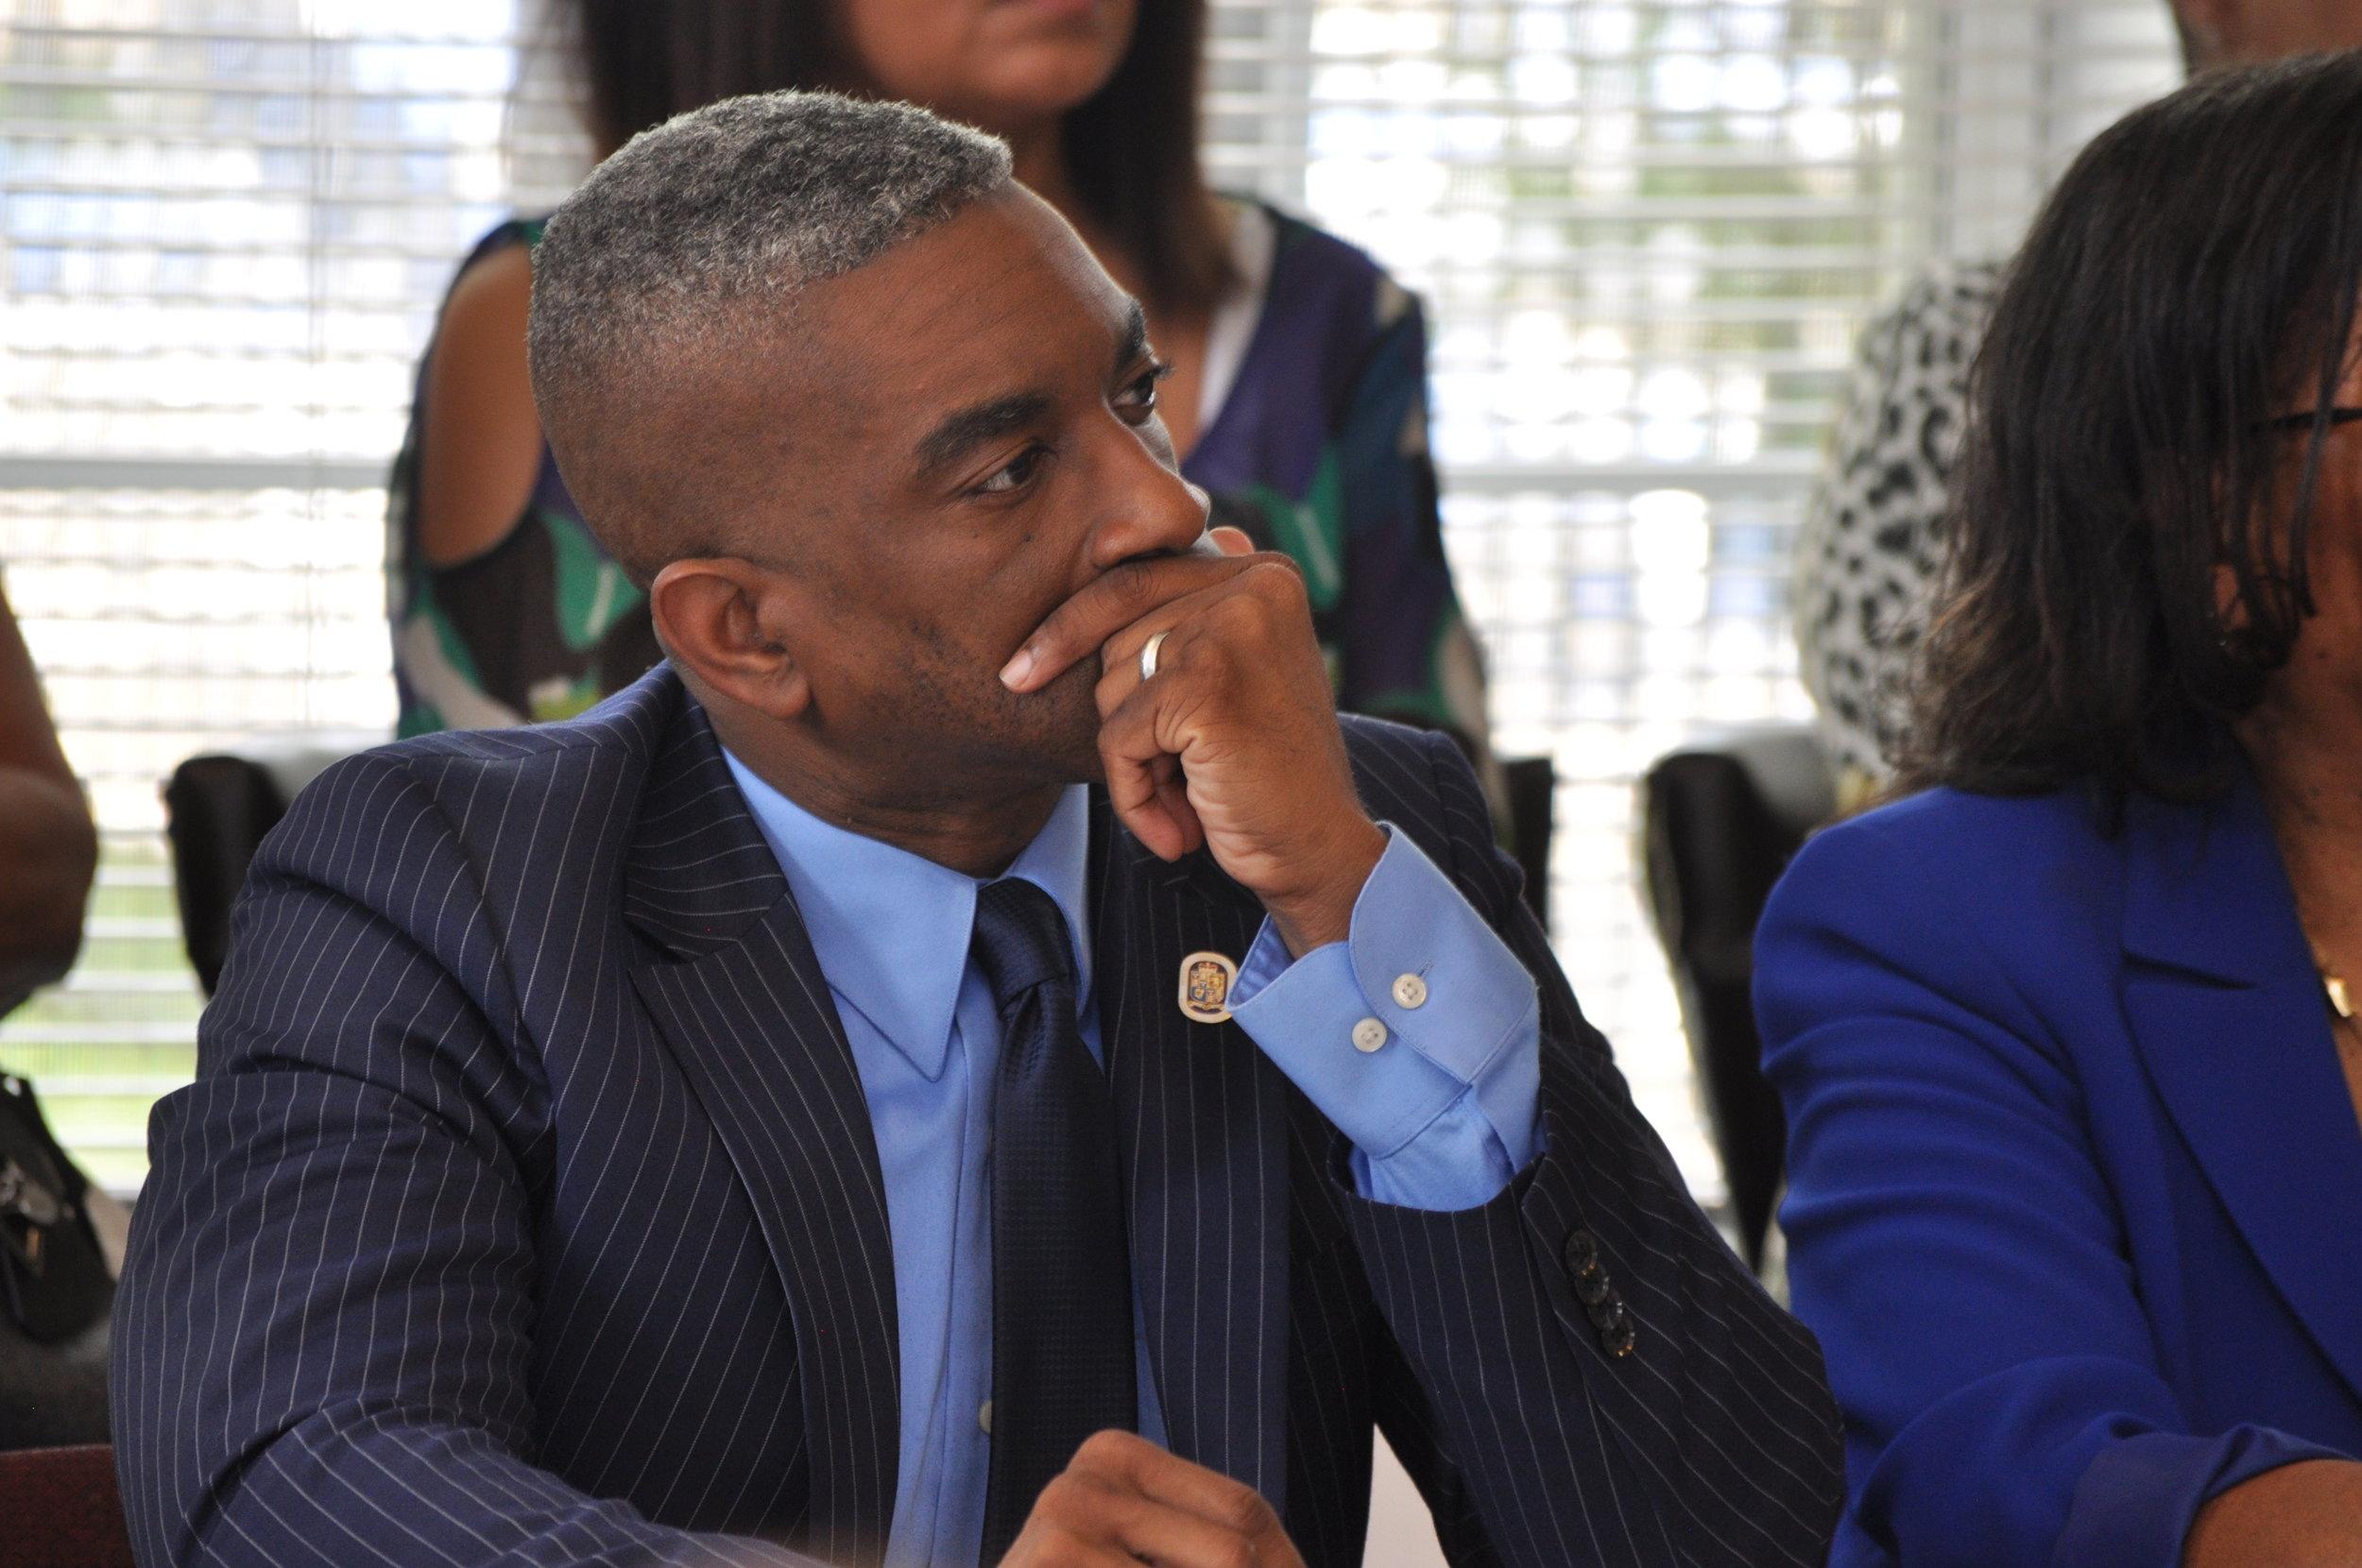 County Councilman Franklin